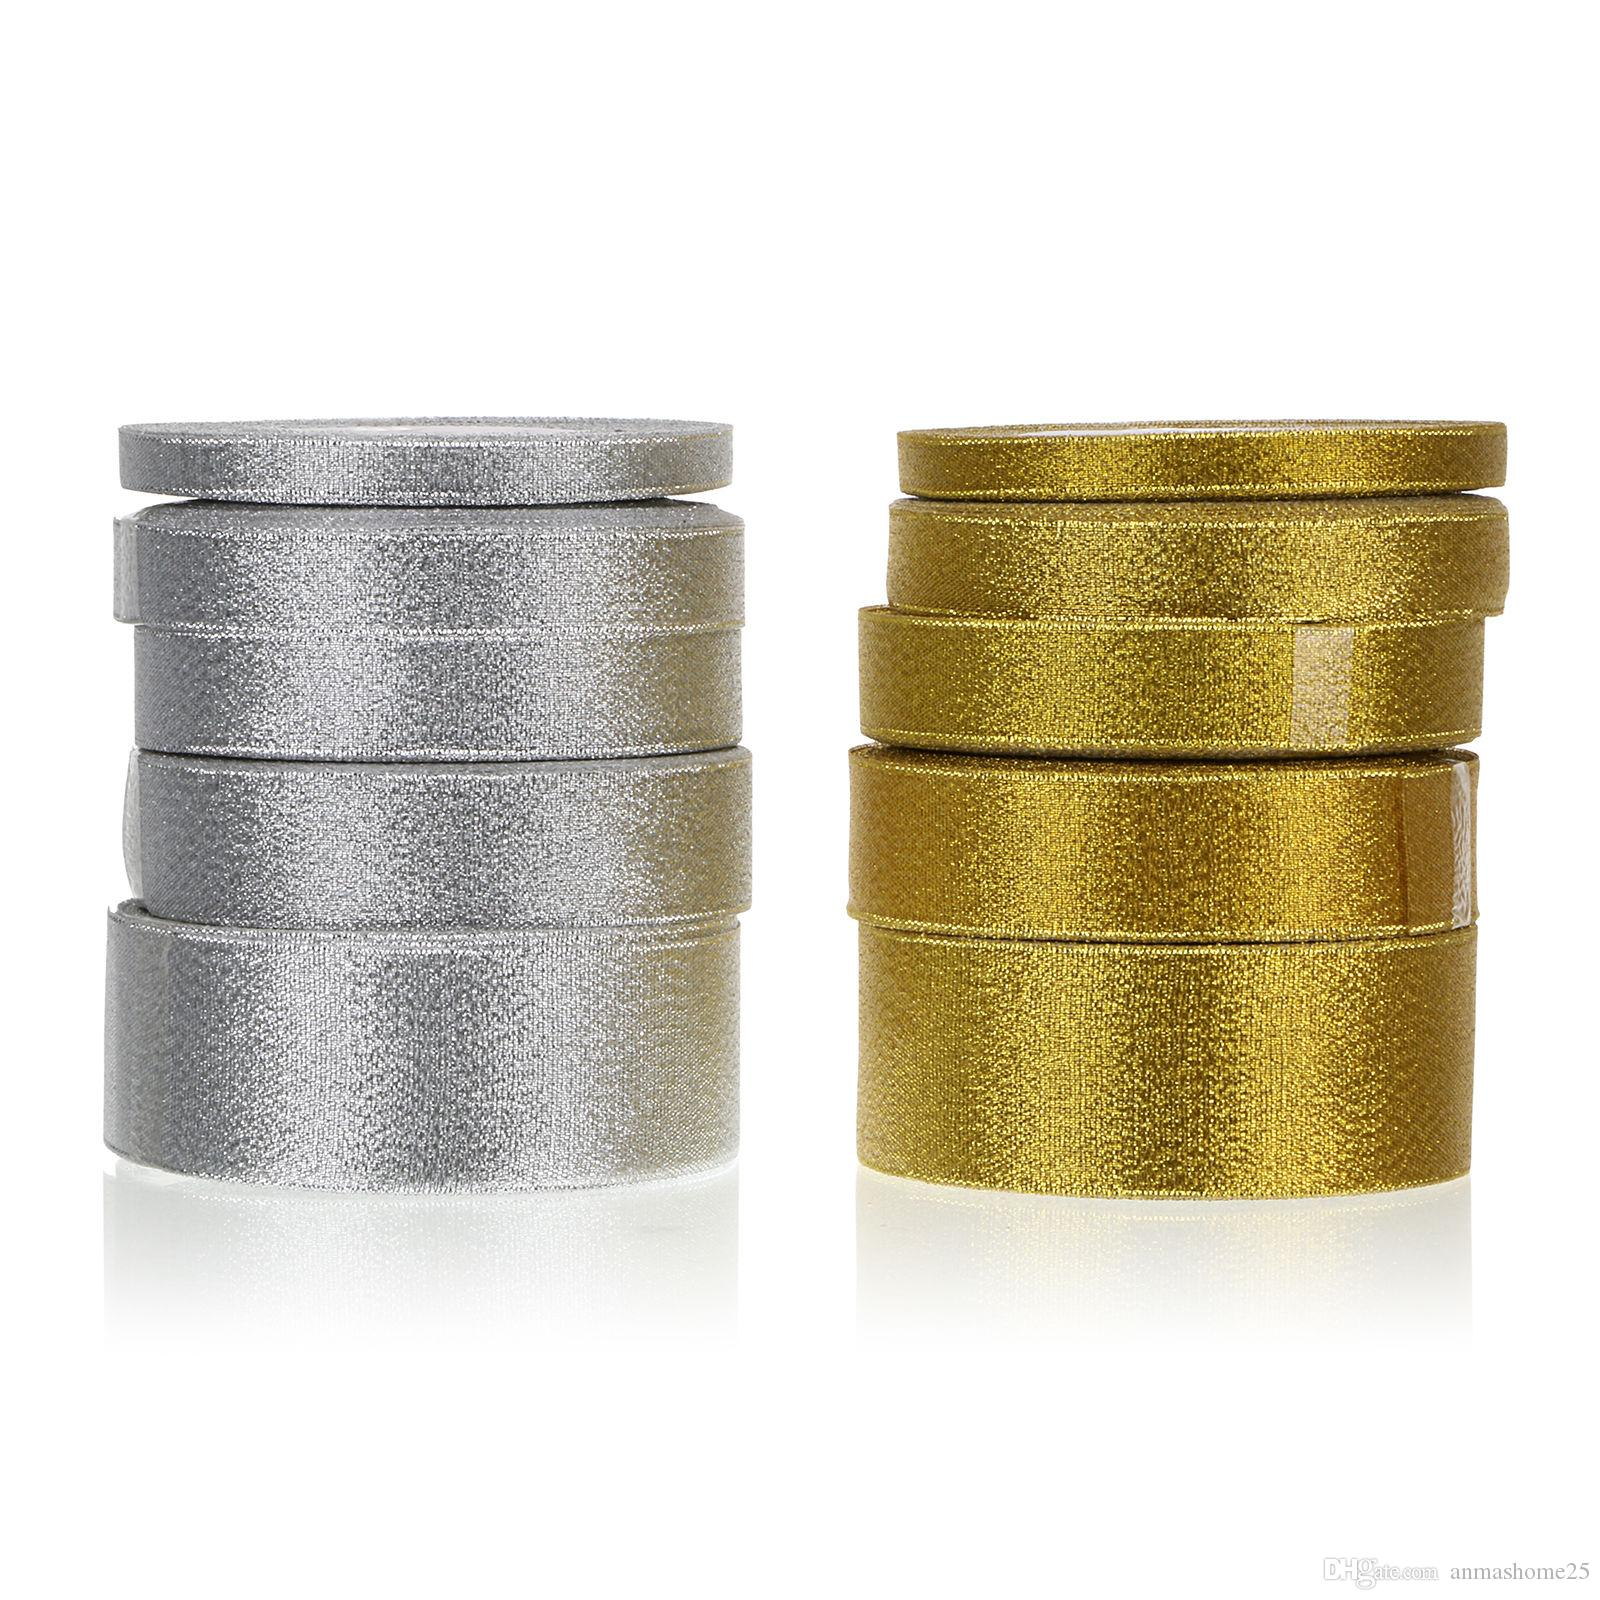 Vendita calda !!!! 10 pezzi / set 25 metri 4 dimensioni X'mas raso nastro del grosgrain decorazione di natale-colore argento oro scegliere